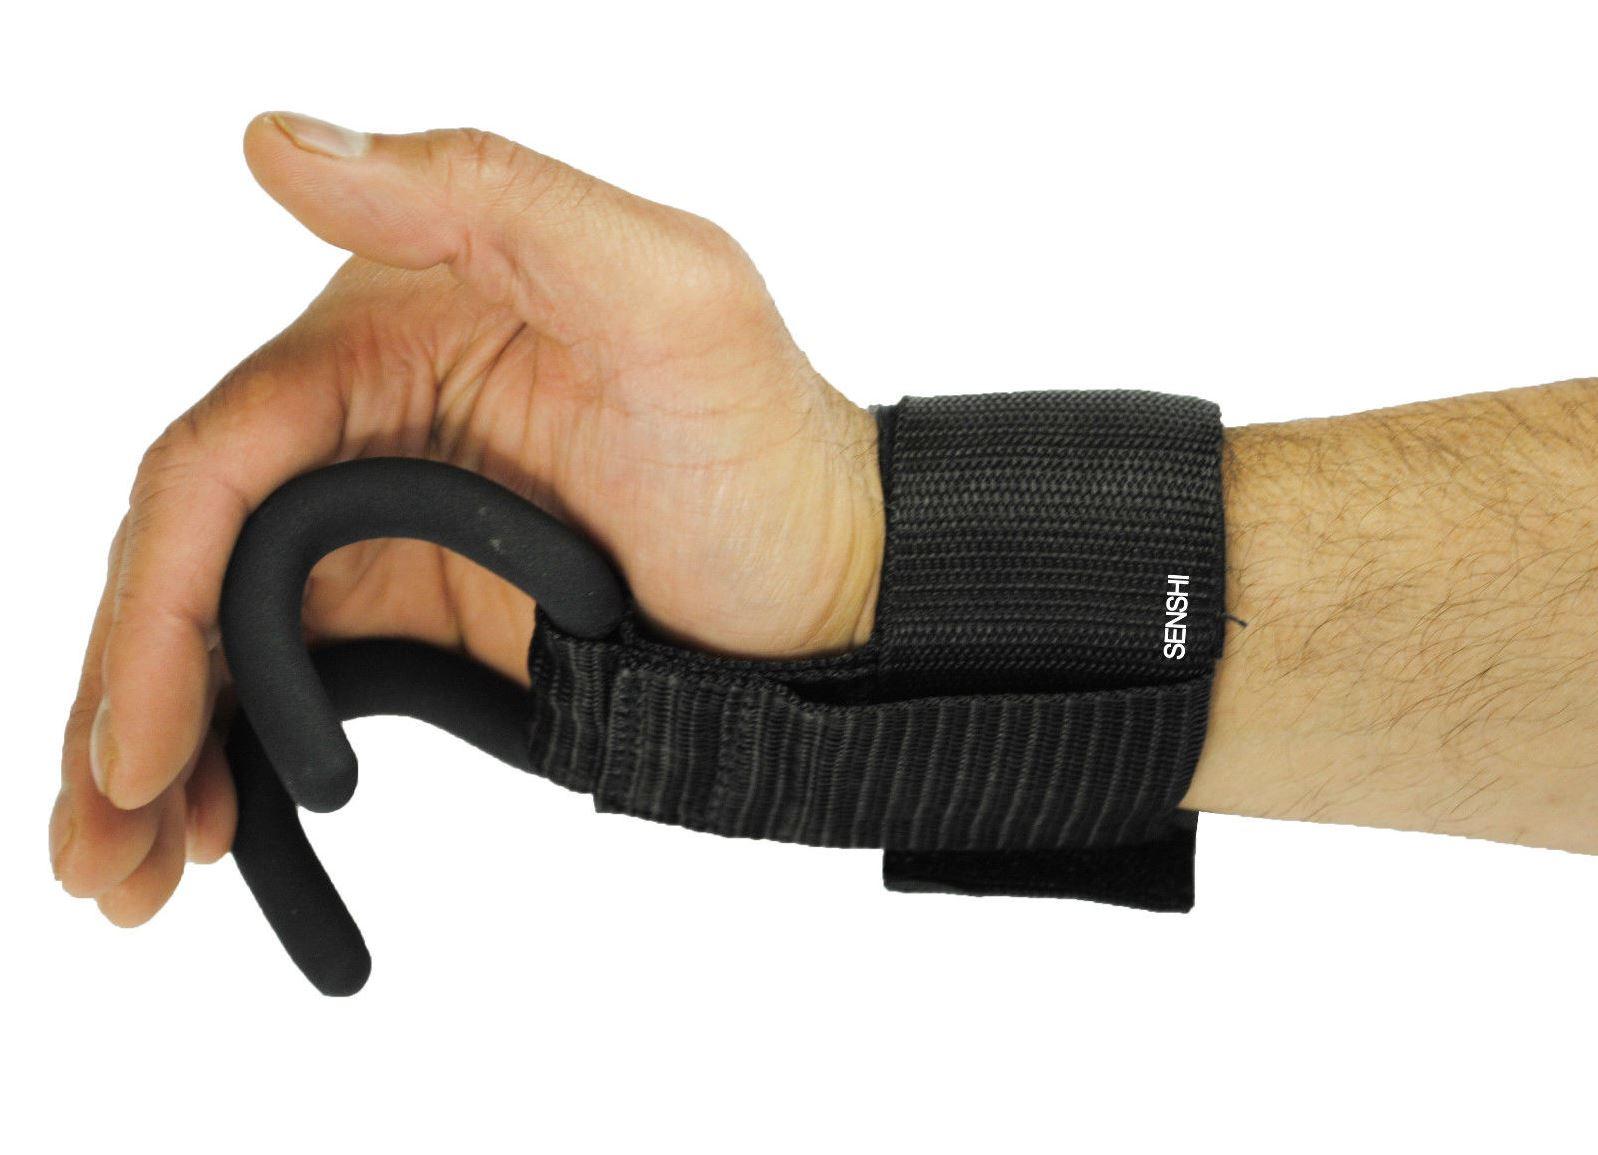 Перчатки для подтягивания на турнике: от строительных до гимнастических